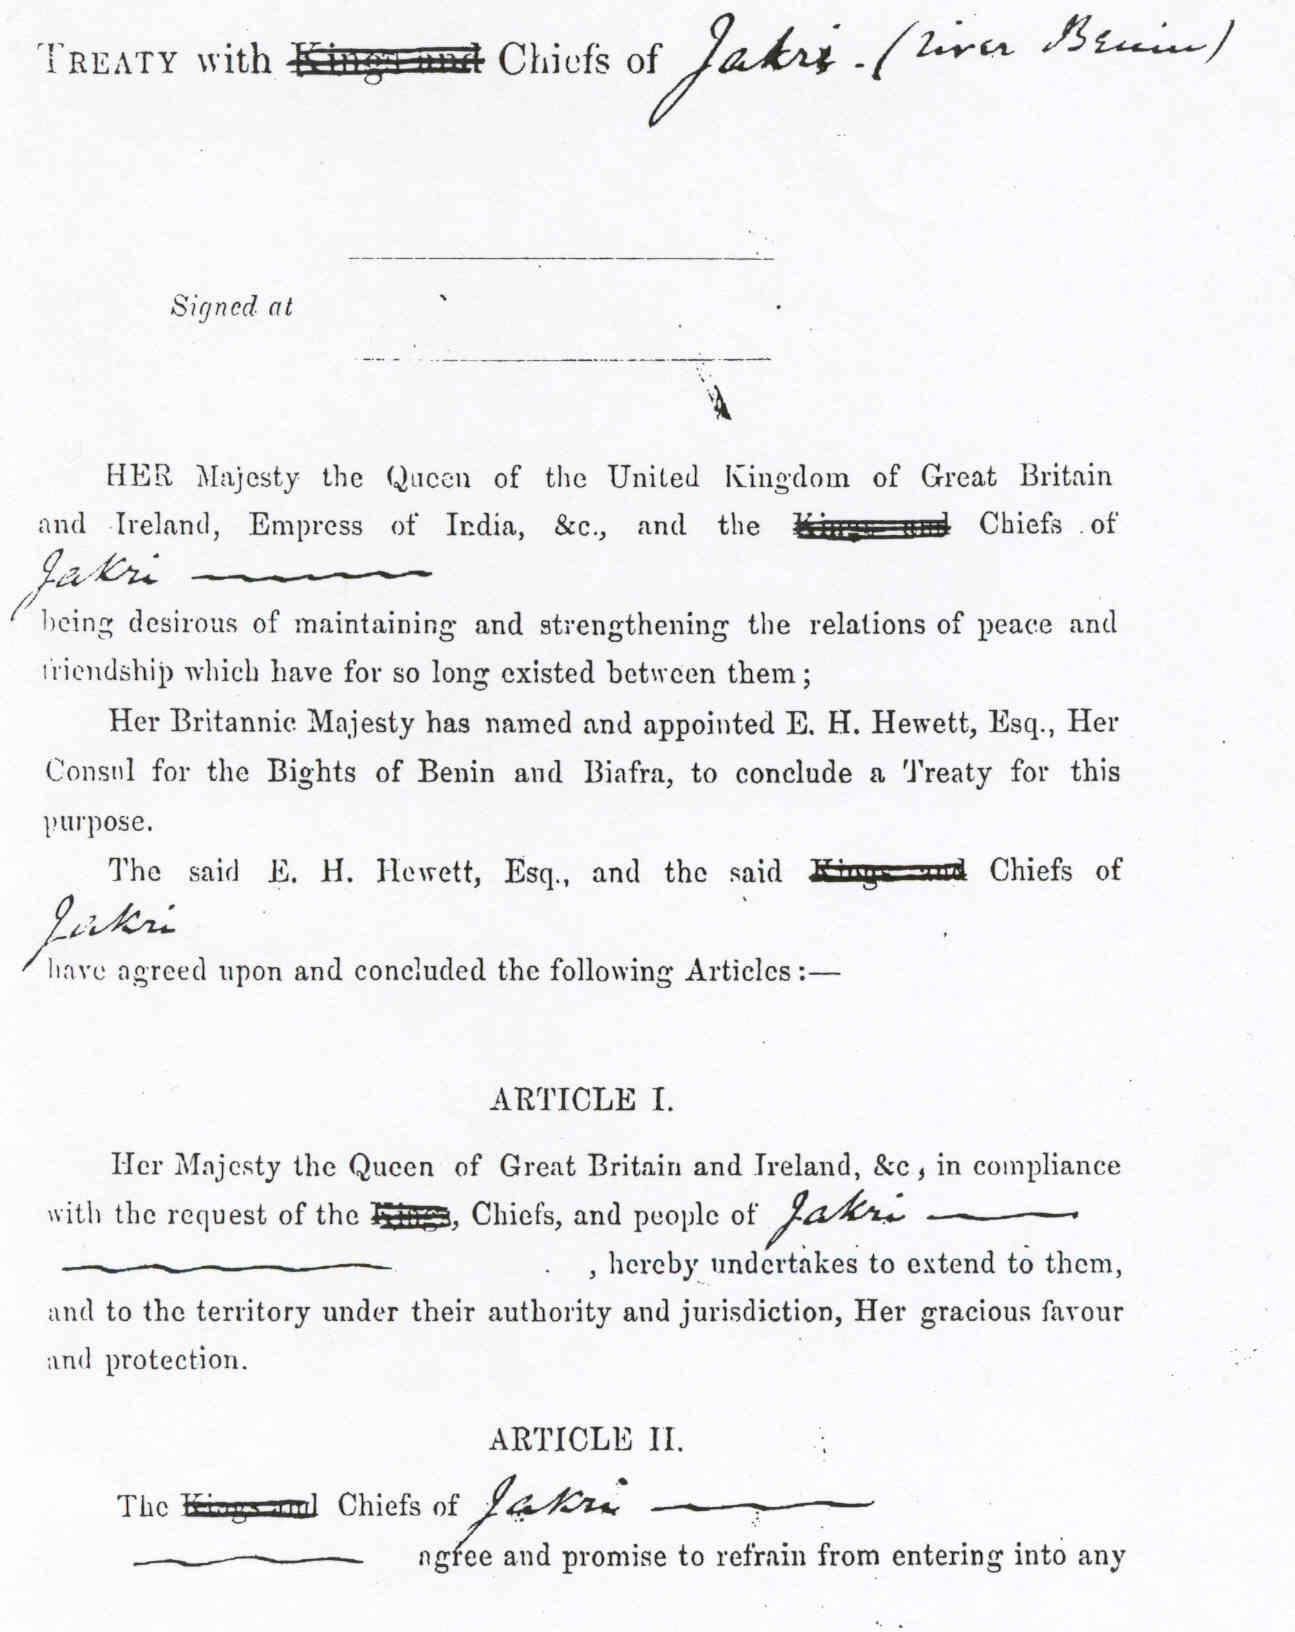 british-treaty-in-nigeria_itsekiri-1884_0